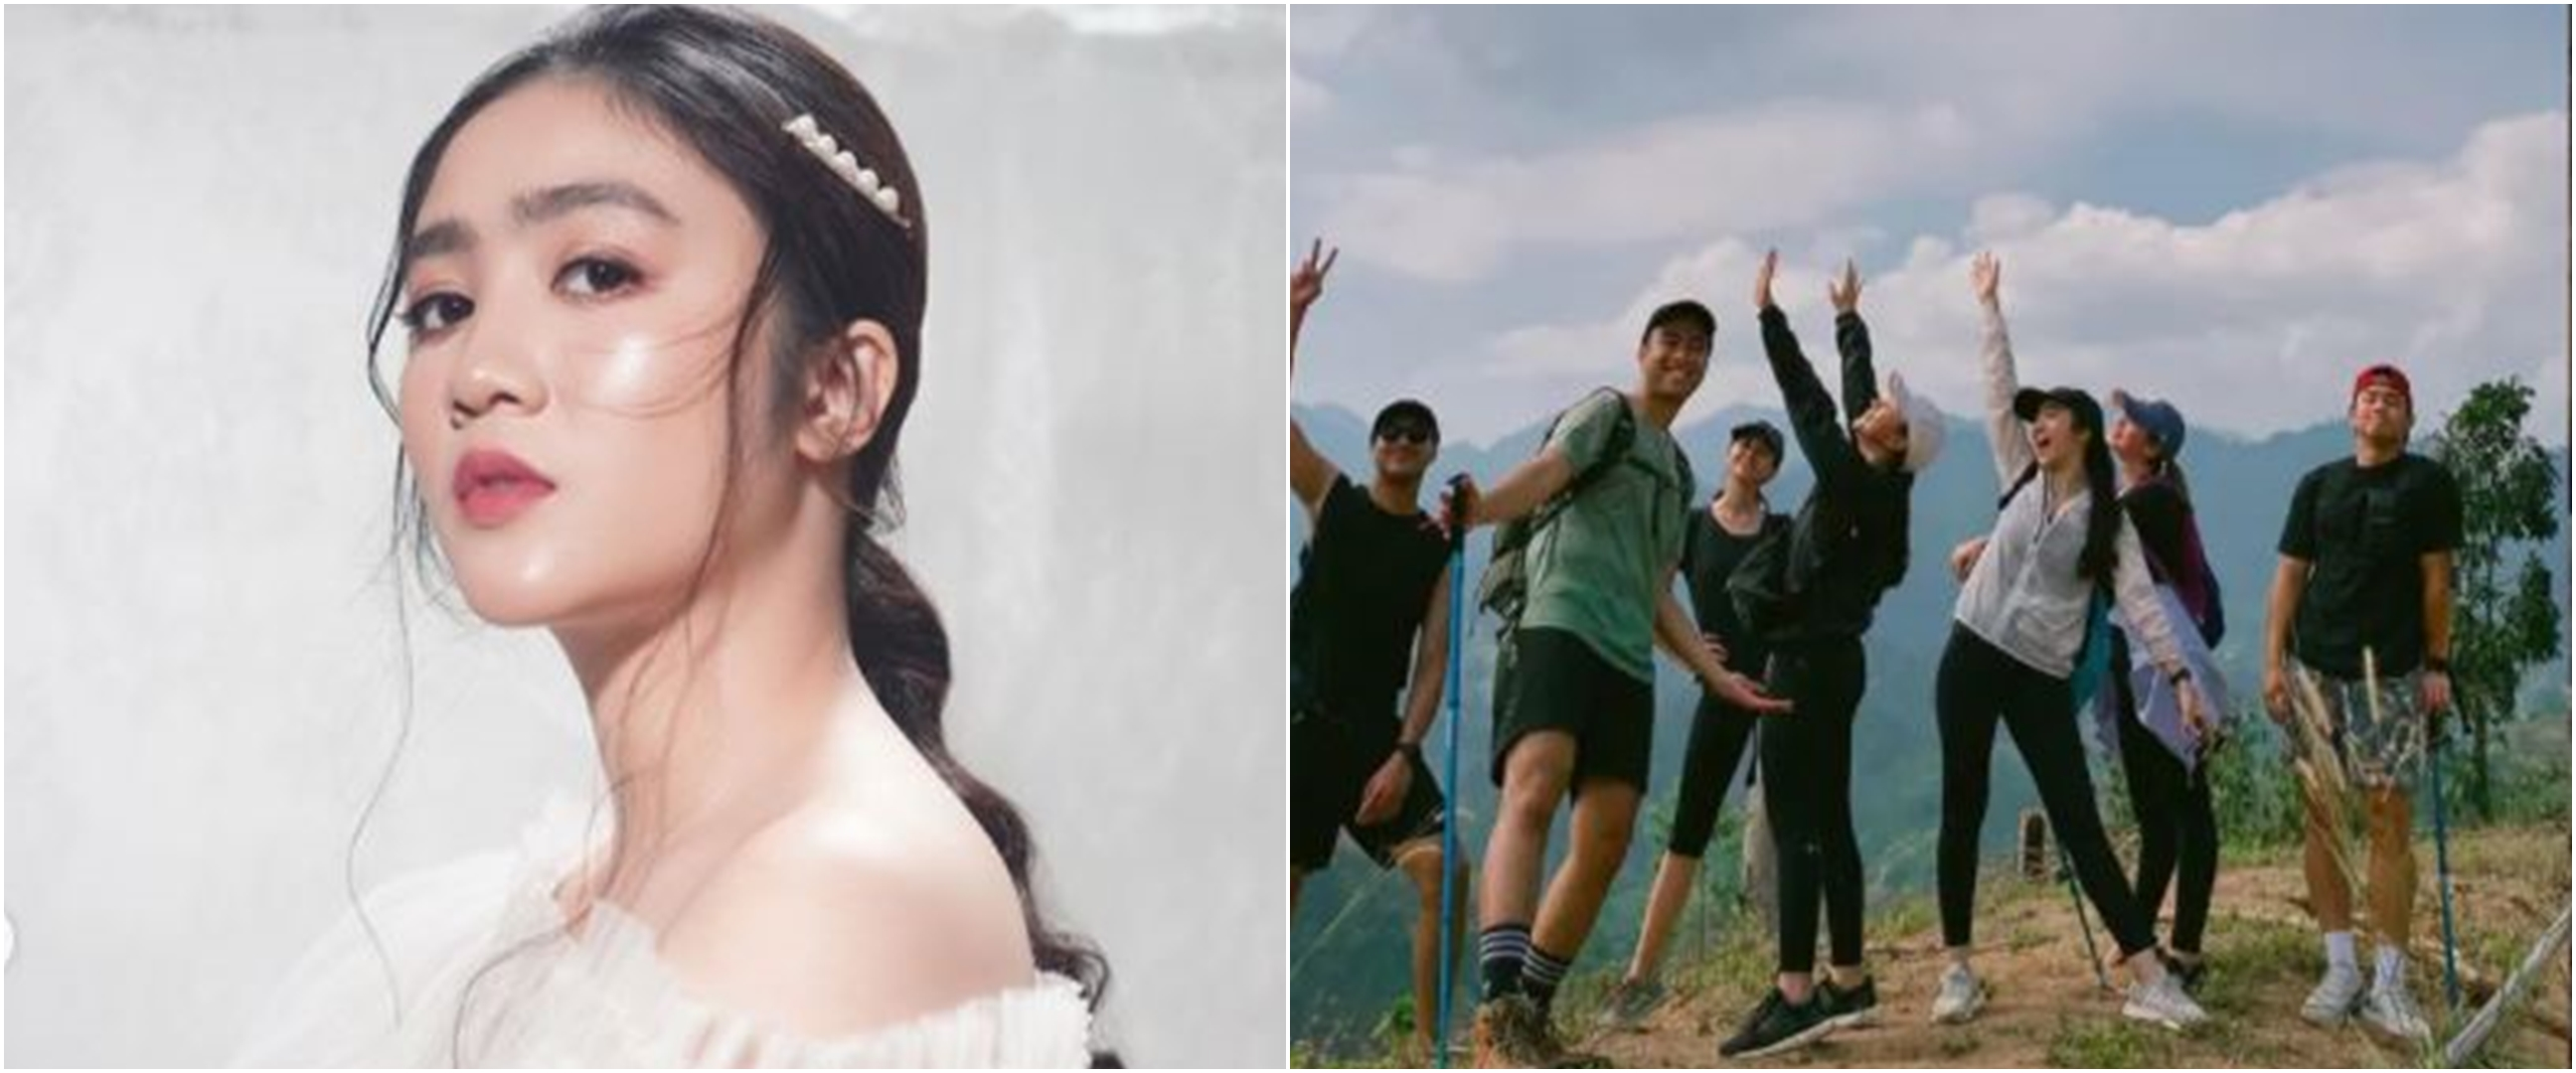 8 Potret seru Febby Rastanty, Jessica Mila & Yuki Kato trekking bareng